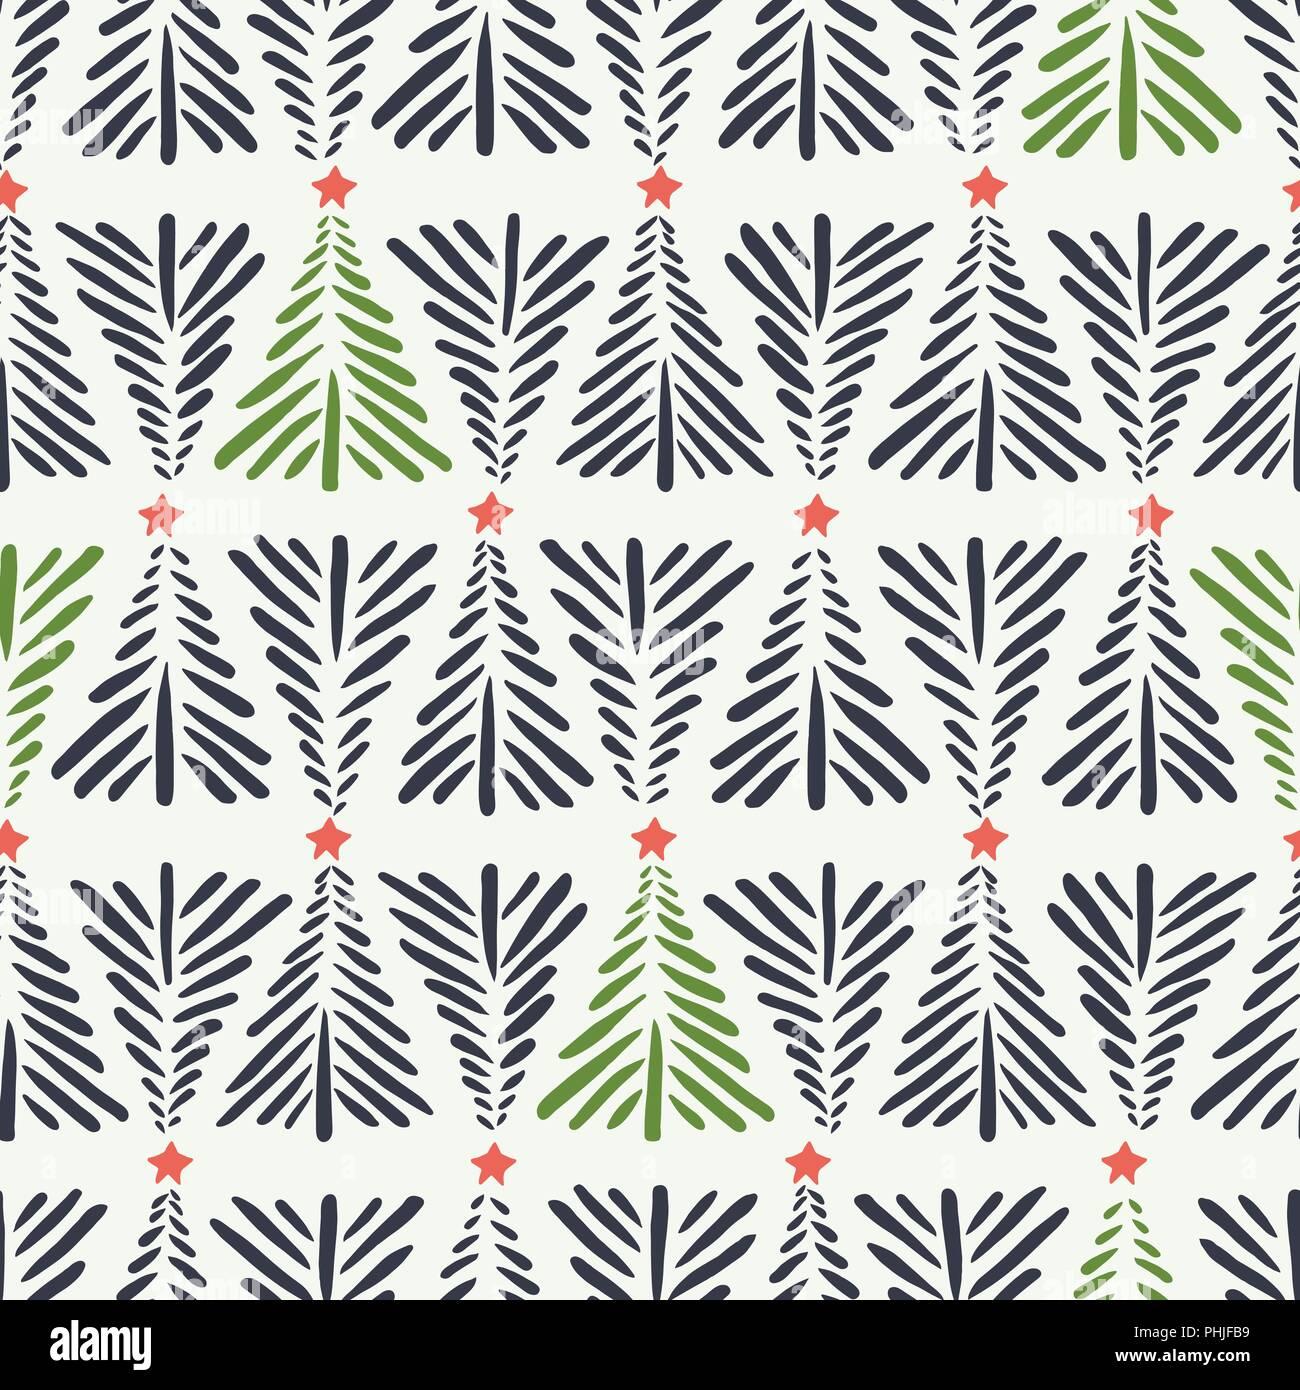 Hand Drawn Abstract Les Arbres De Noel Des Etoiles Rouges Sur Fond Blanc Transparent Vecteur Modele Maison De Vacances D Hiver Nordique Scandinave Imprimer Abstract Stripes Image Vectorielle Stock Alamy